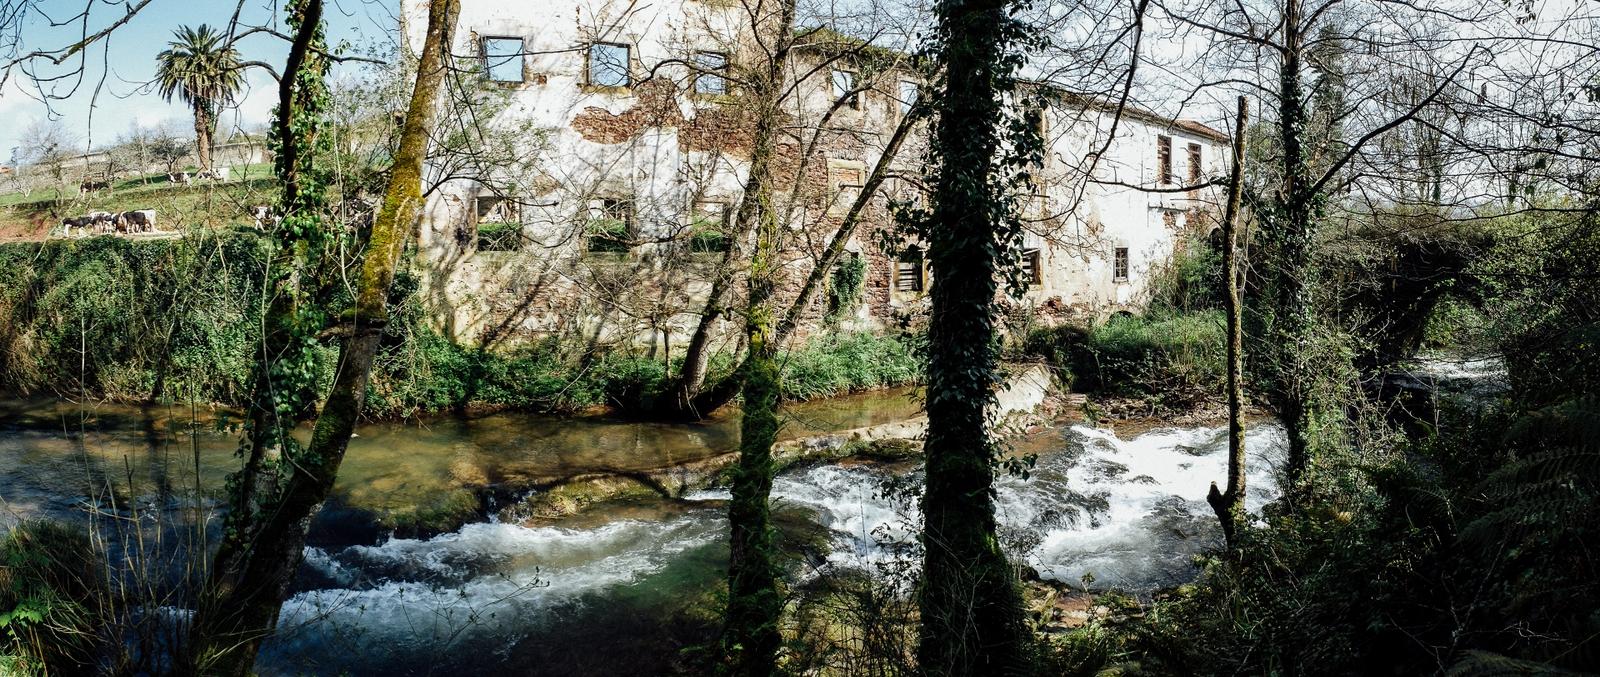 Jakobsweg - Camino del Norte (202)